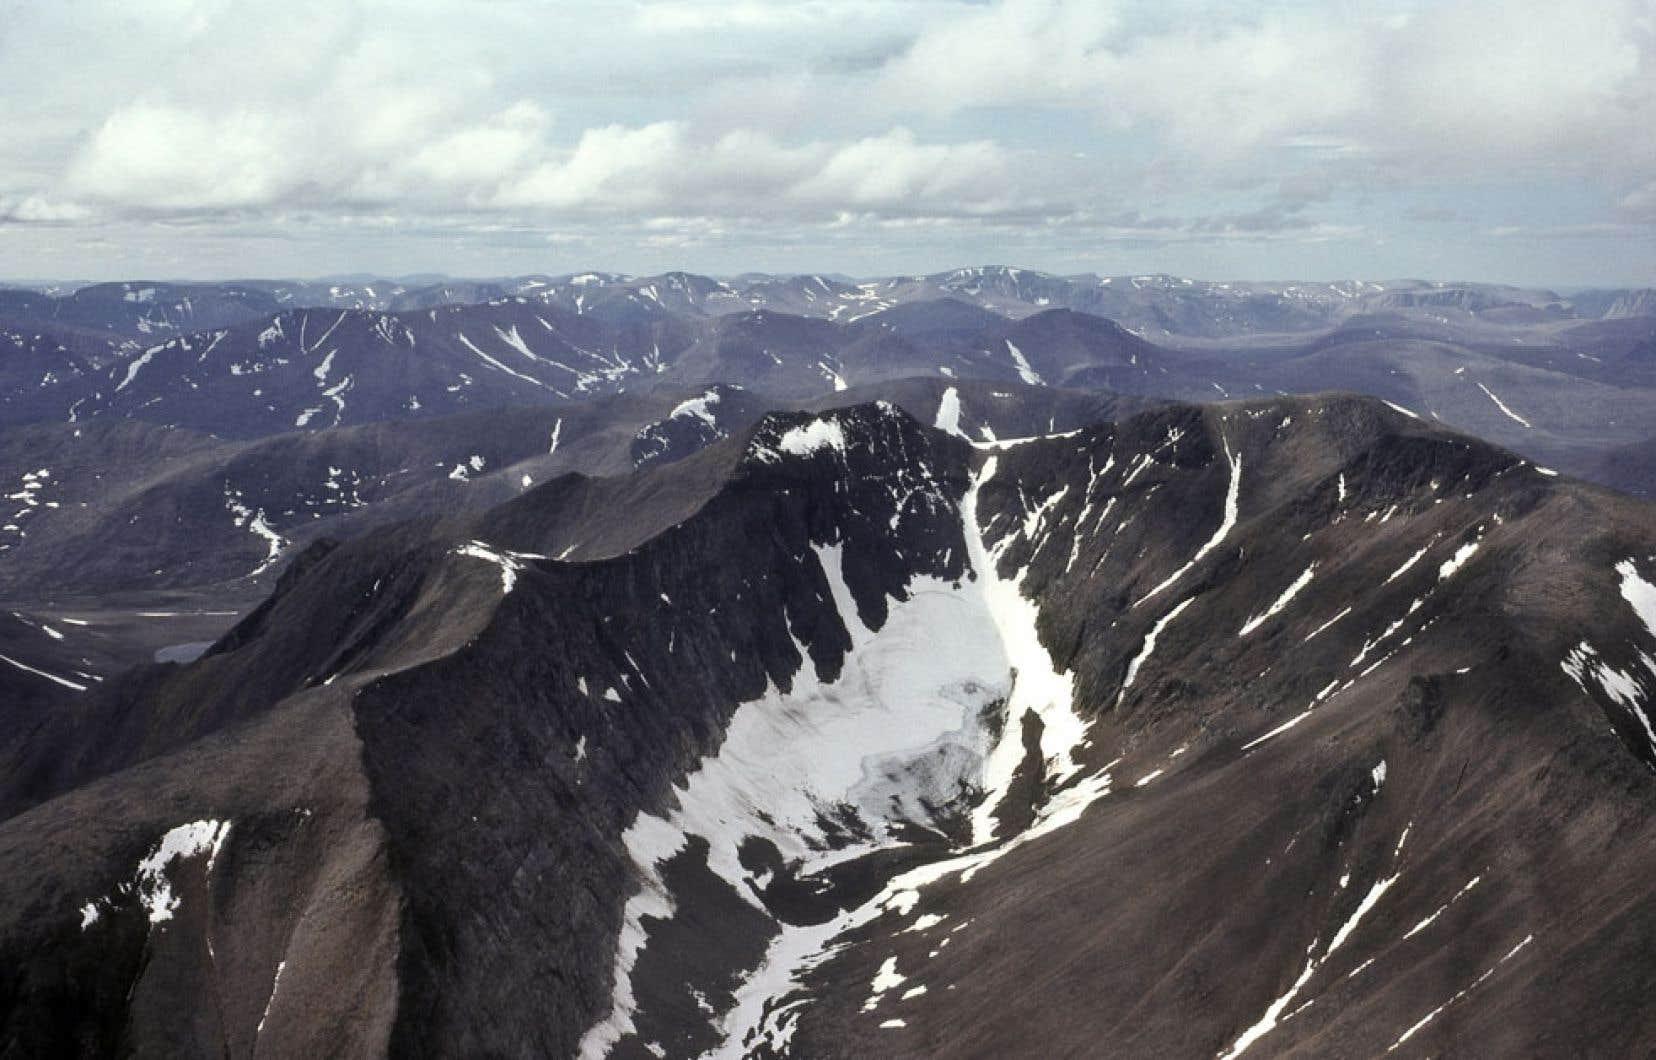 Haut plateau des monts Torngat ciselé par l'activité glaciaire, près du fjord de Nachvak dans le nord du Labrador. Seulement une dizaine de plantes vasculaires colonisent les hauts sommets de la région.